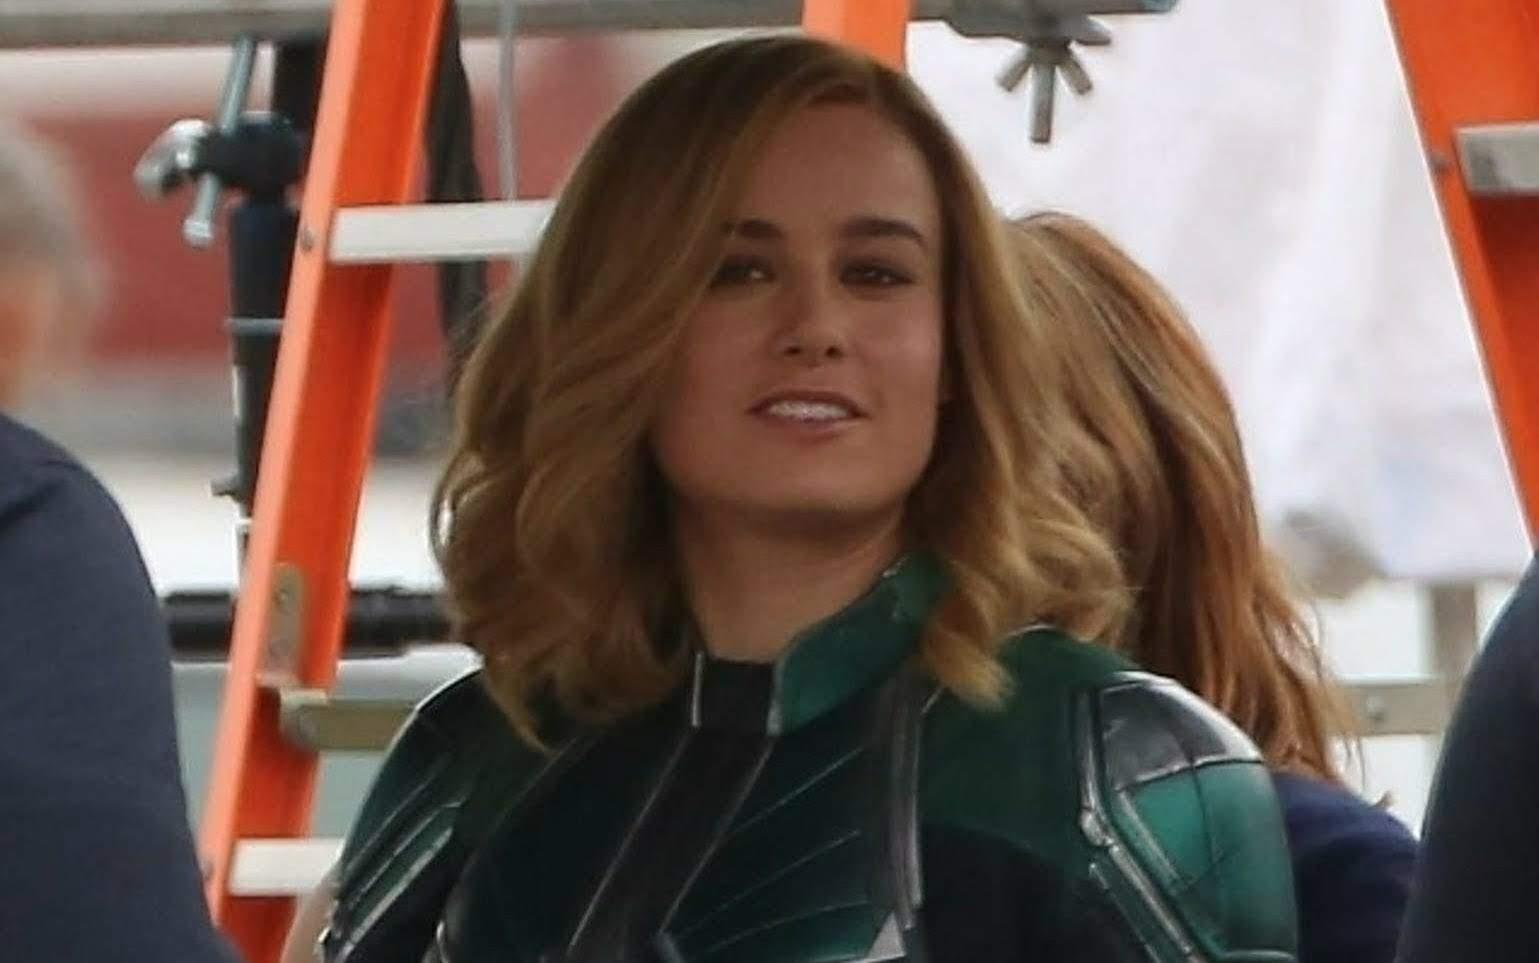 Brie Larson back on the set of Captain Marvel : ディズニー・マーベル初の戦うヒロイン映画「キャプテン・マーベル」の仕上げの撮影がスタートしたブリー・ラーソン ! !